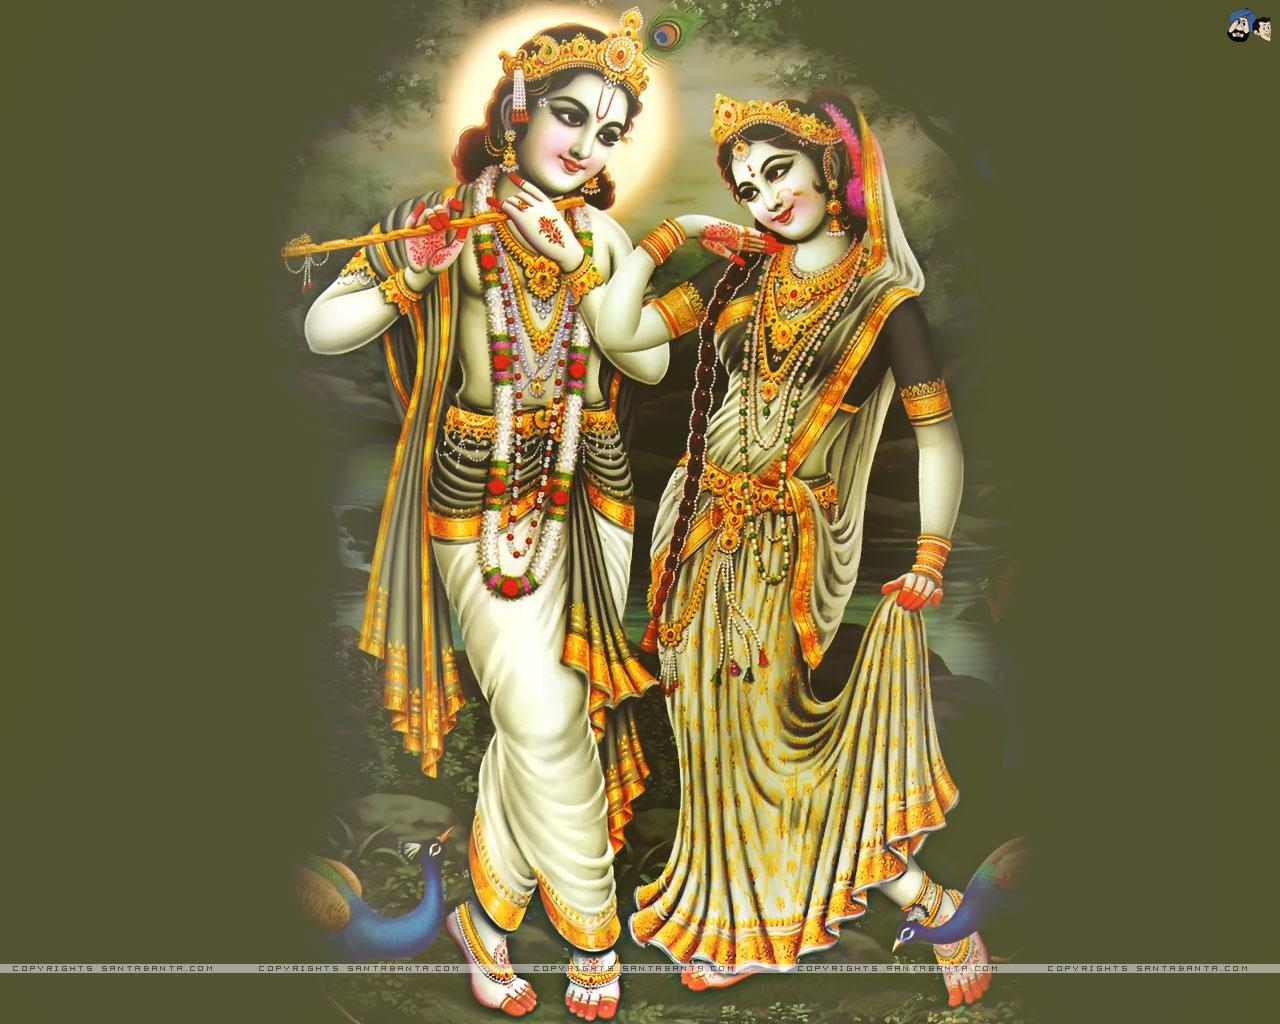 http://1.bp.blogspot.com/_2QHcx0puPFg/Swe3DLNTA4I/AAAAAAAAF1g/BPR_X0bjvLs/s1600/lord-krishna6.jpg